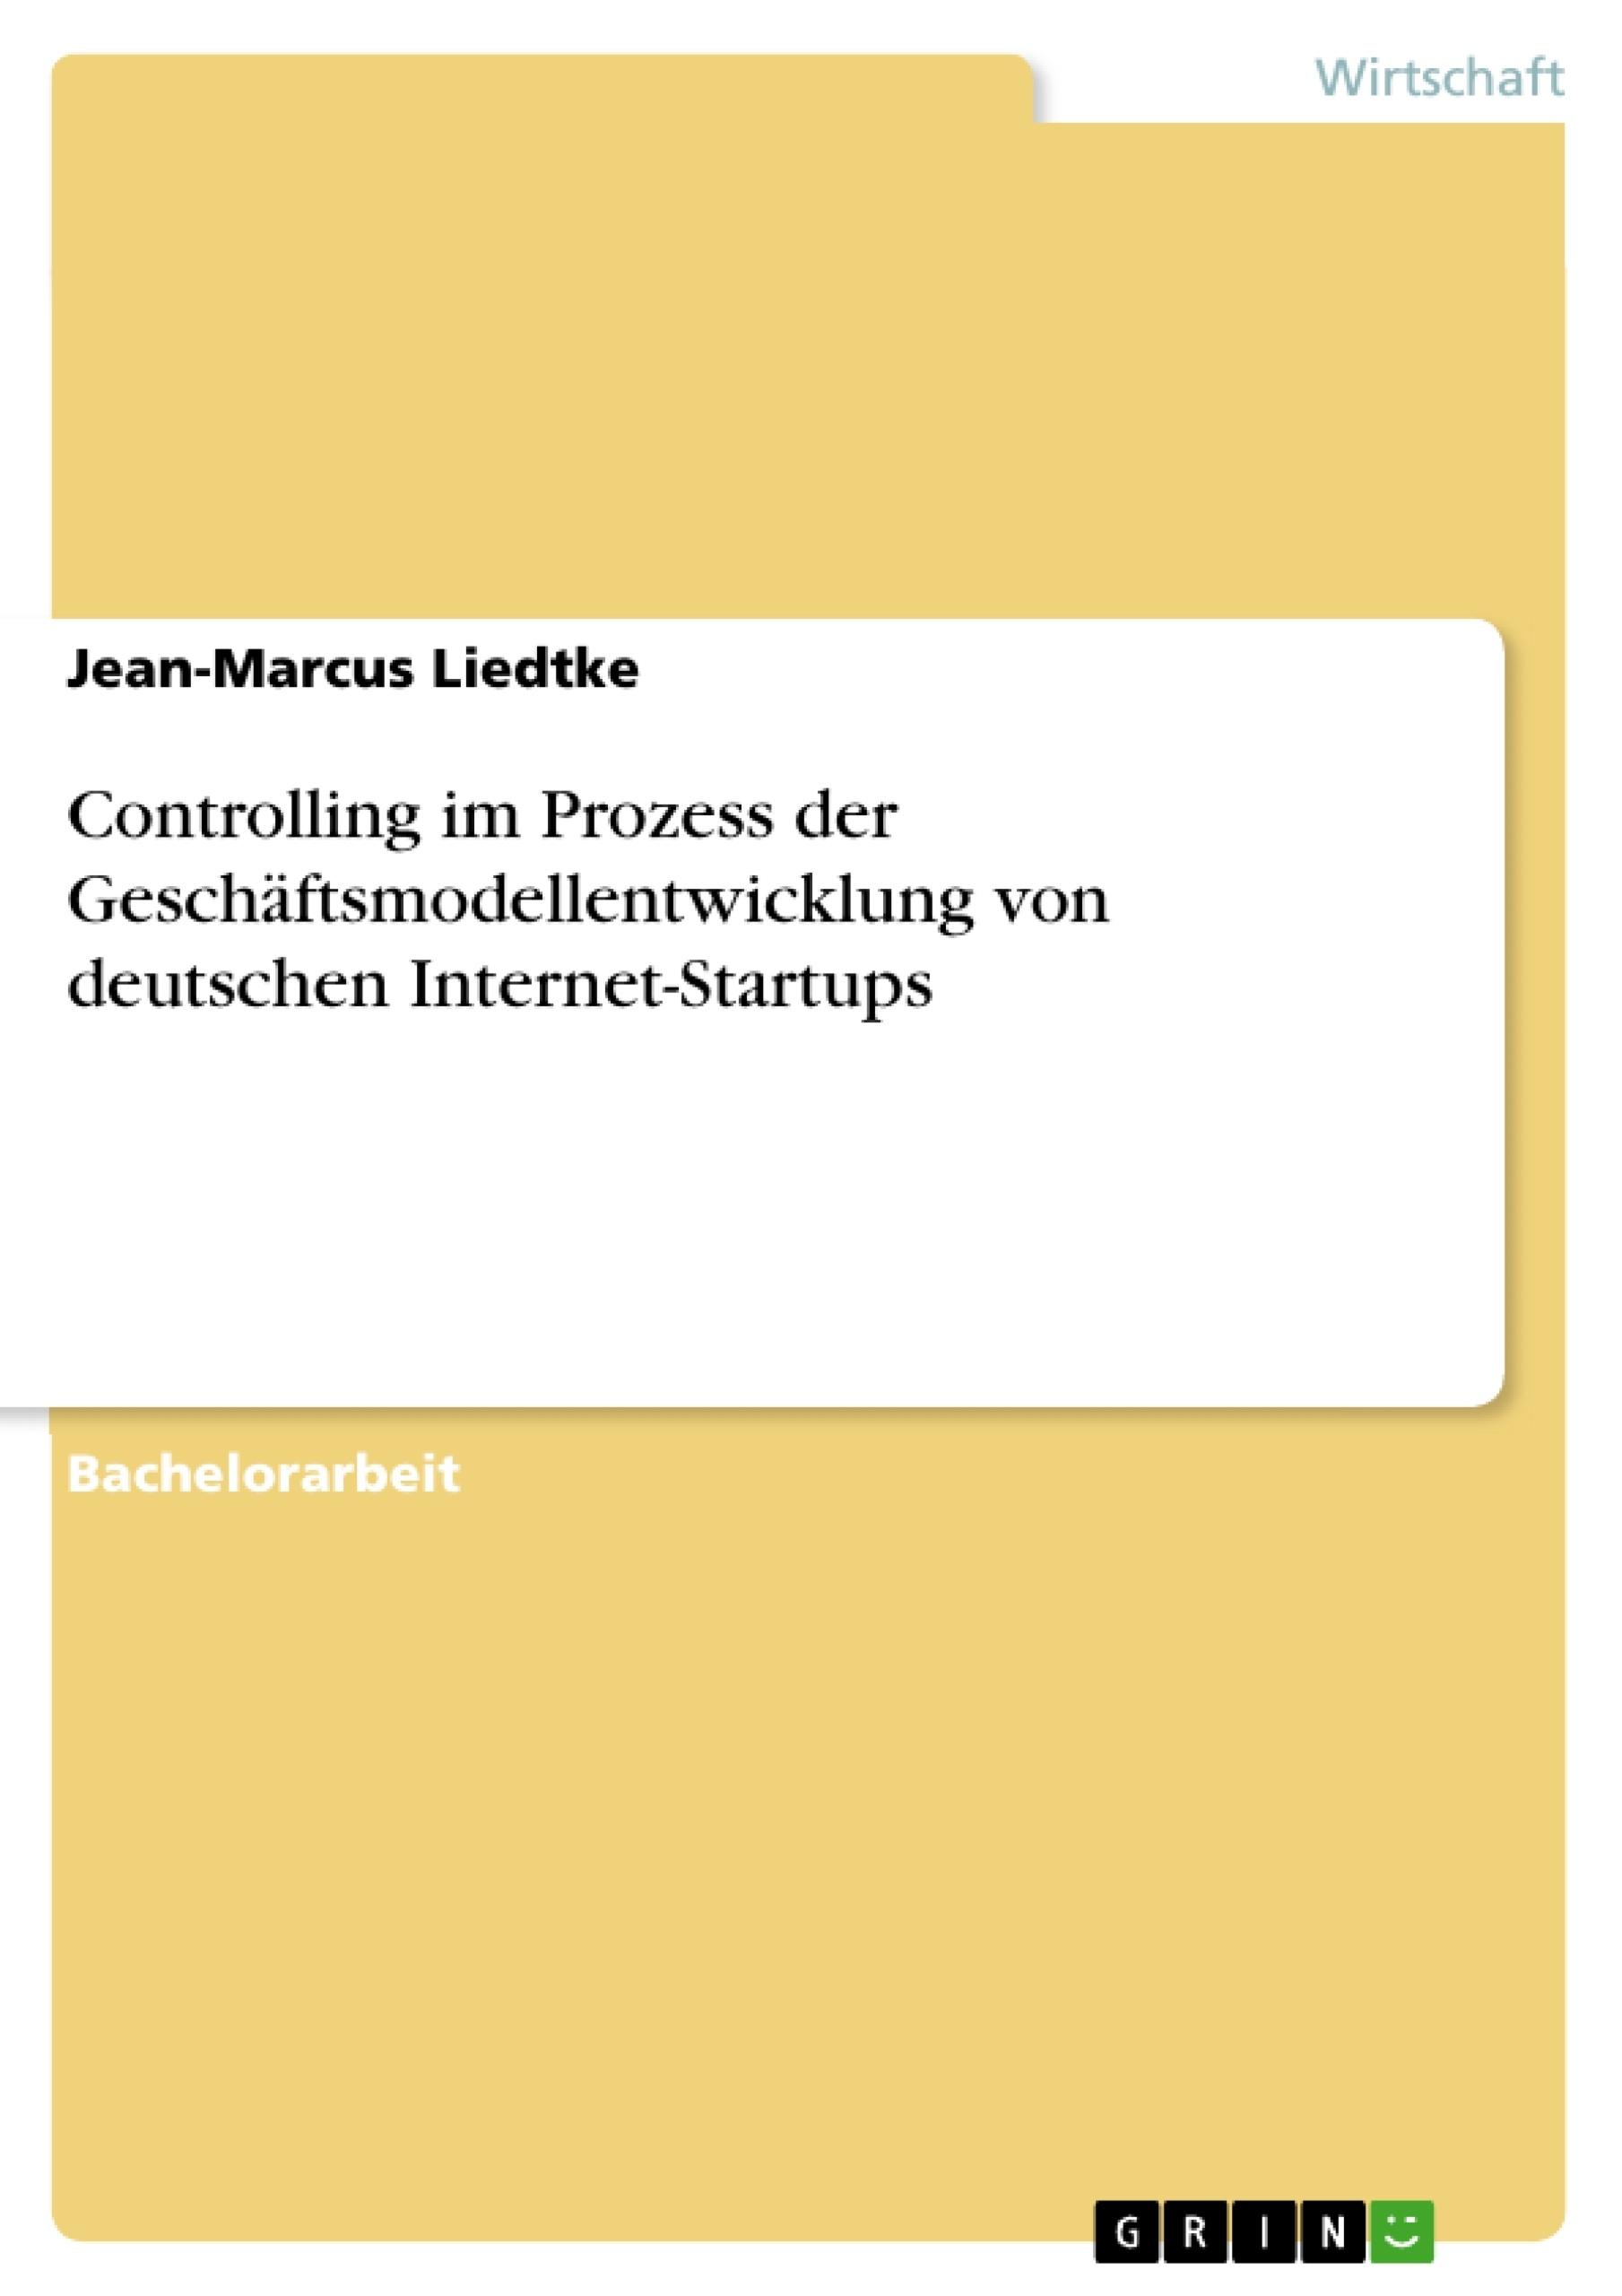 Titel: Controlling im Prozess der Geschäftsmodellentwicklung von deutschen Internet-Startups